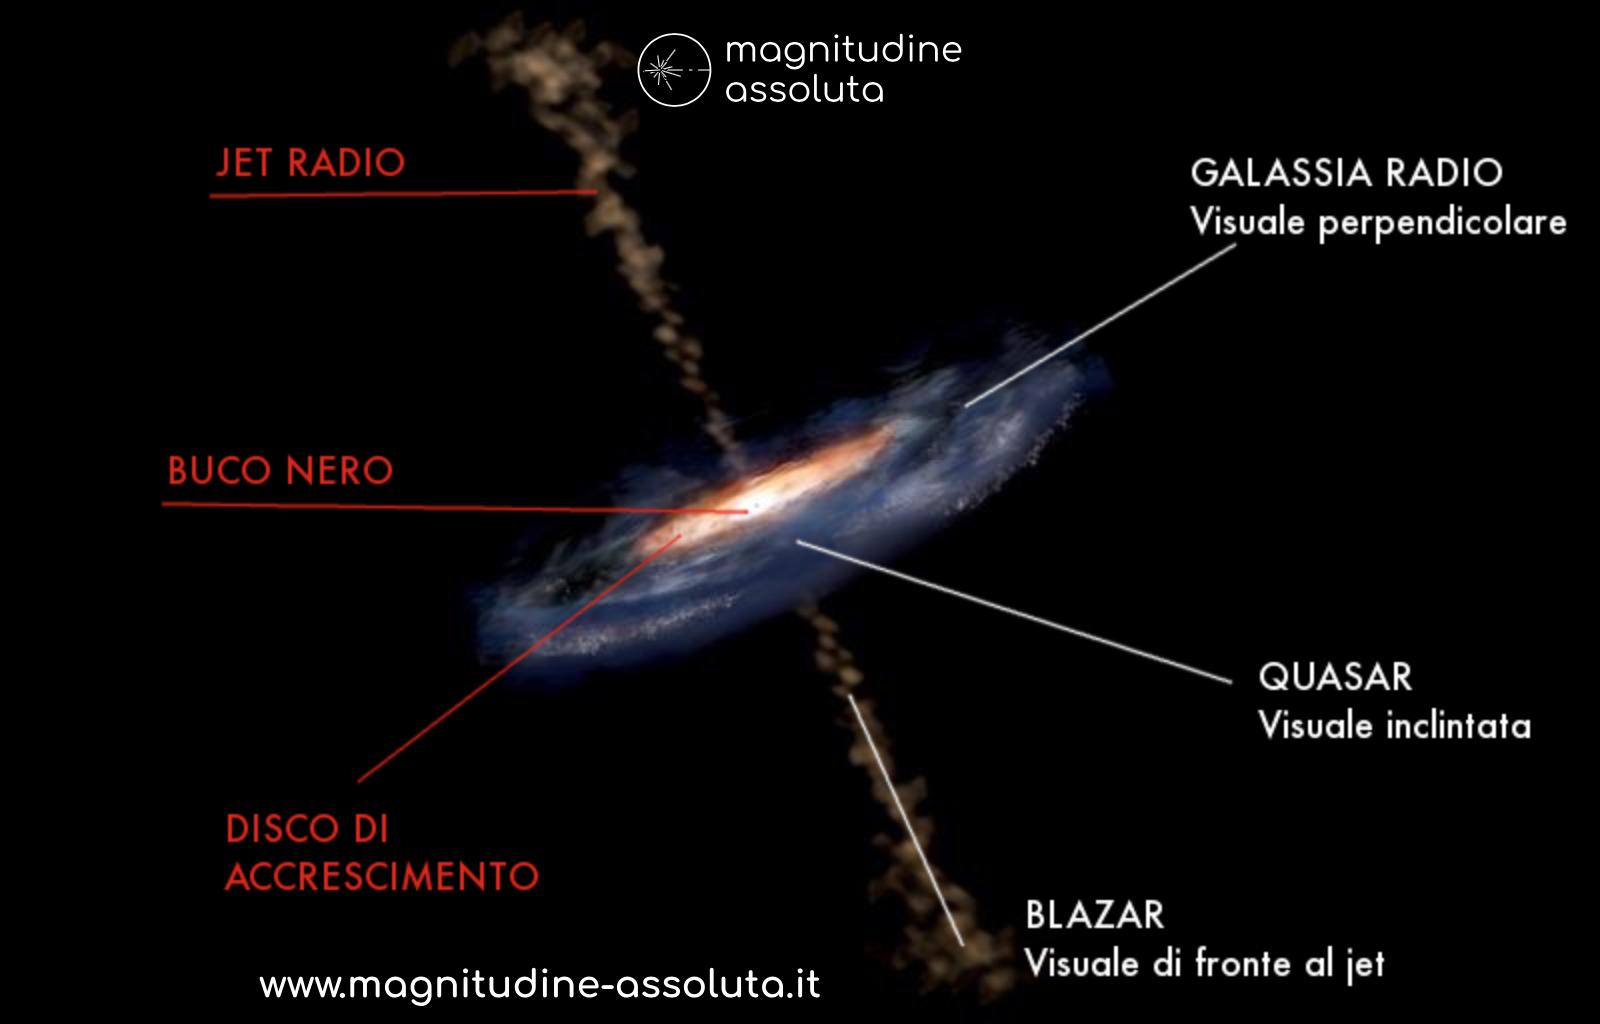 Illustrazione realizzata da magnitudine-assoluta.it che rappresenta il modo in cui un buco nero può essere percepito come quasar, oppure nucleo galattico attivo, oppure come blazar, in base alla prospettiva dalla quale lo vediamo dalla Terra